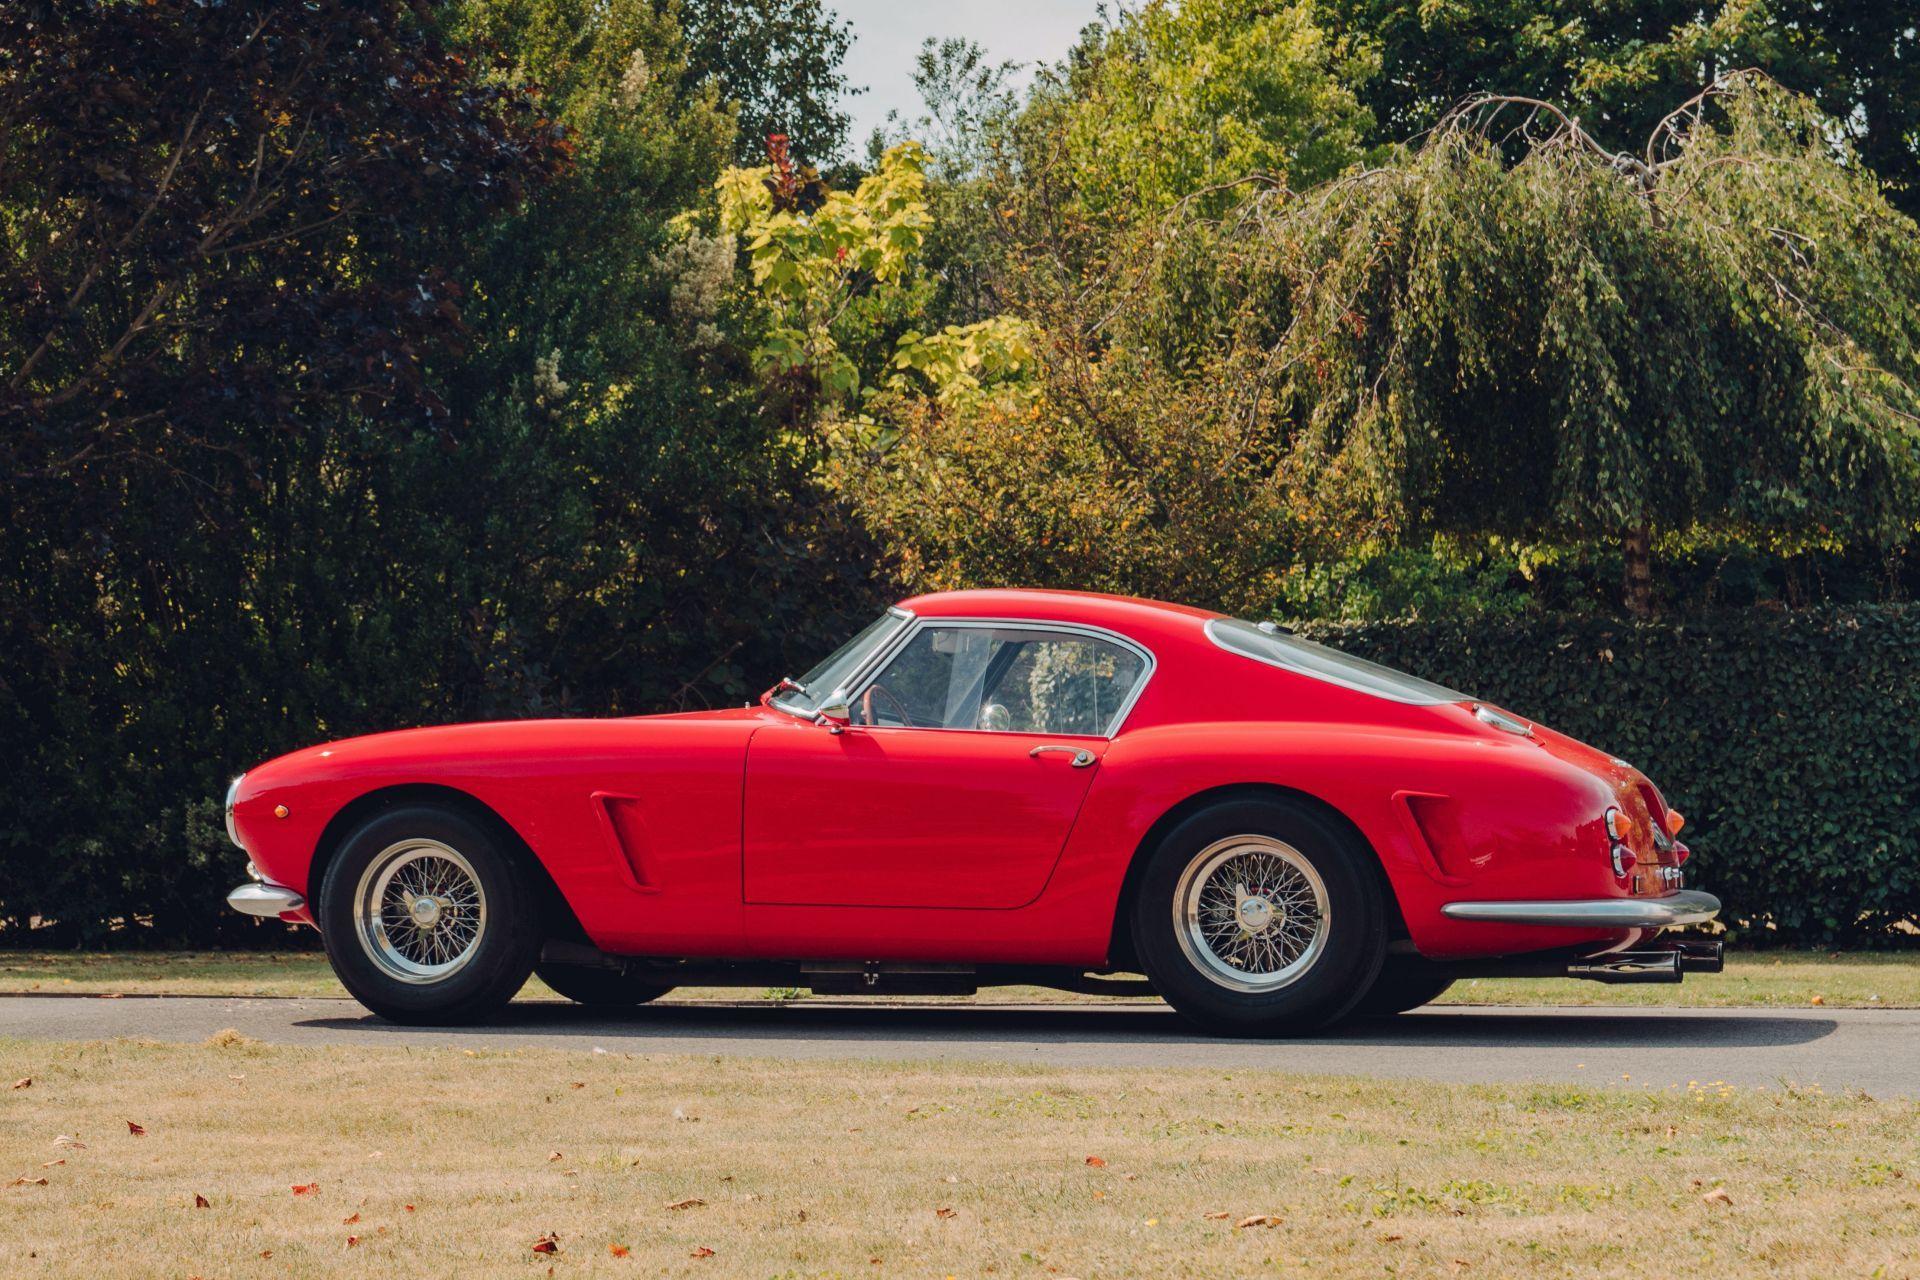 Ferrari-250-GT-SWB-Berlinetta-Competizione-Revival-by-GTO-Engineering-24